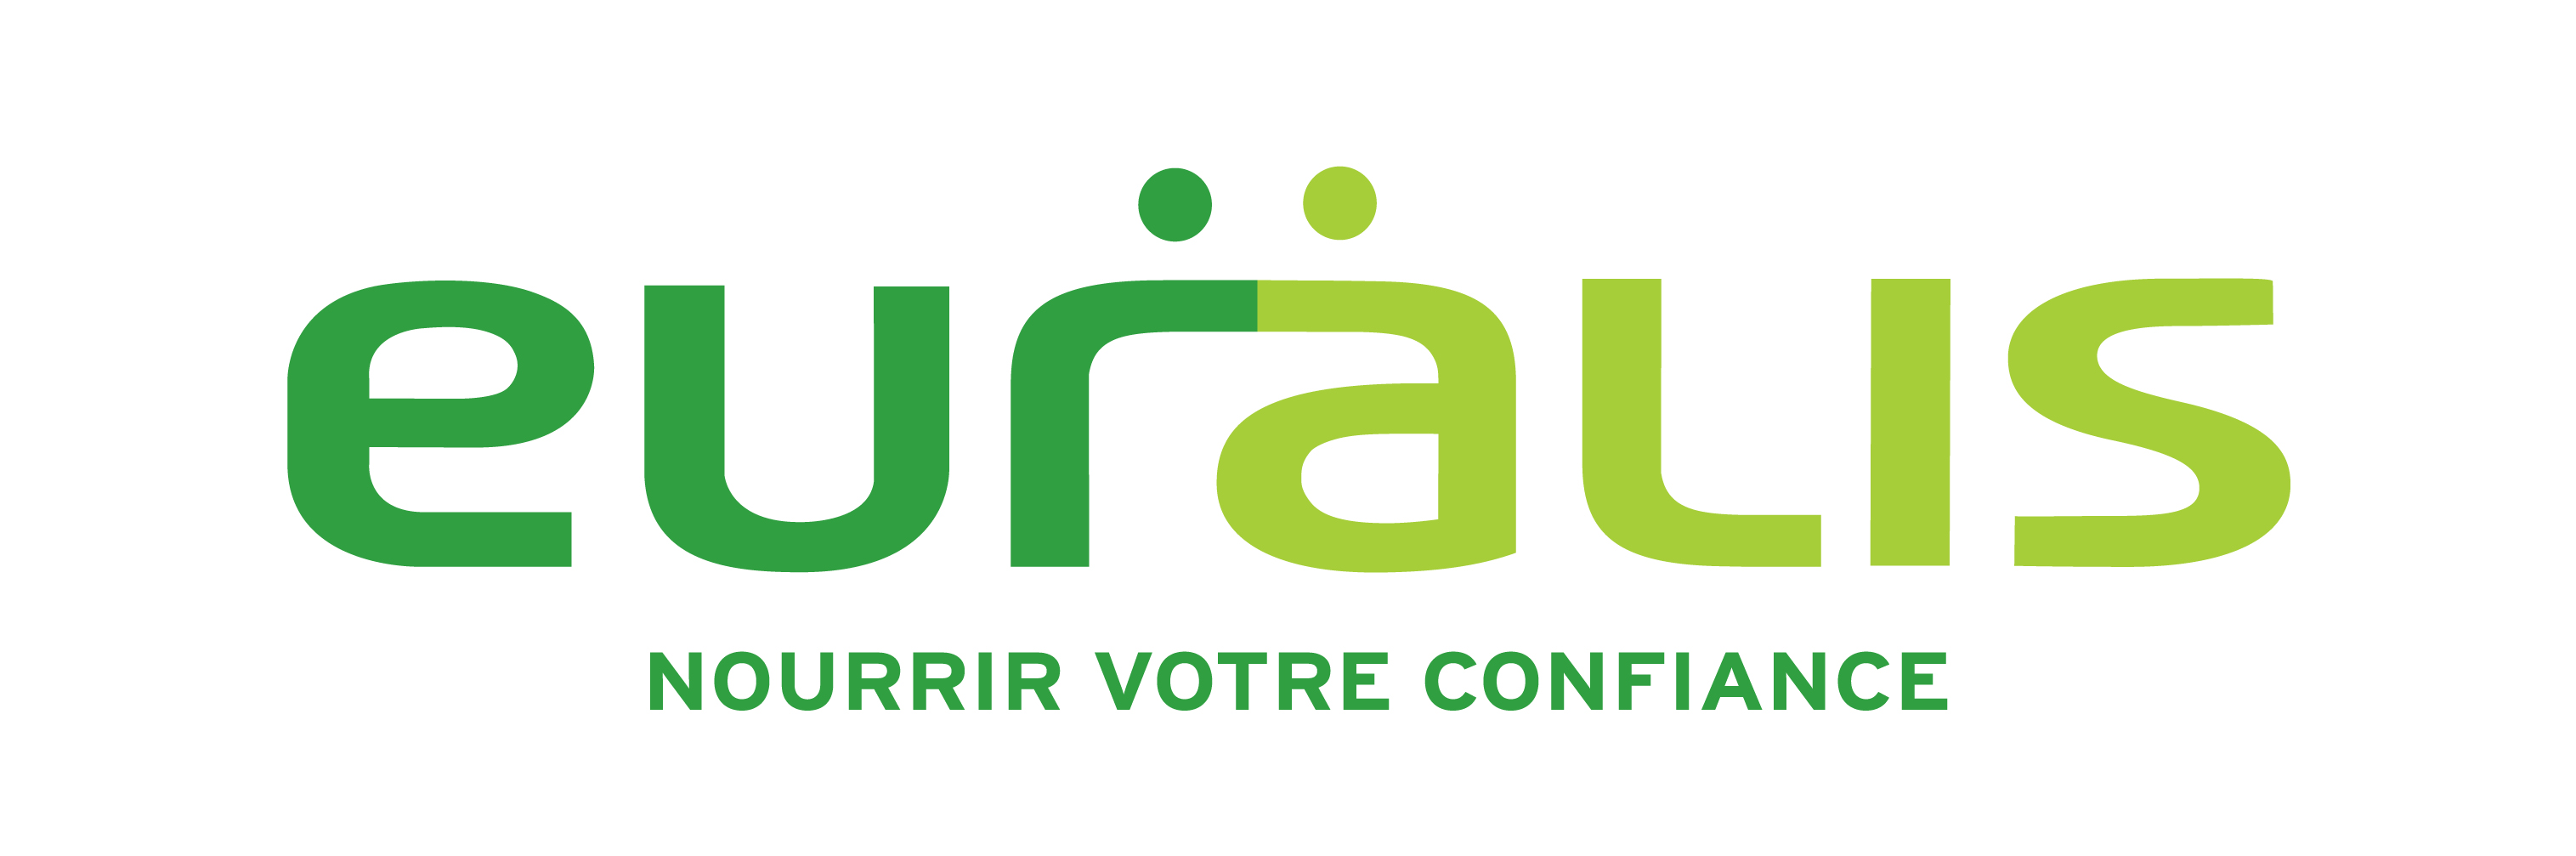 Logo_Euralis_Q